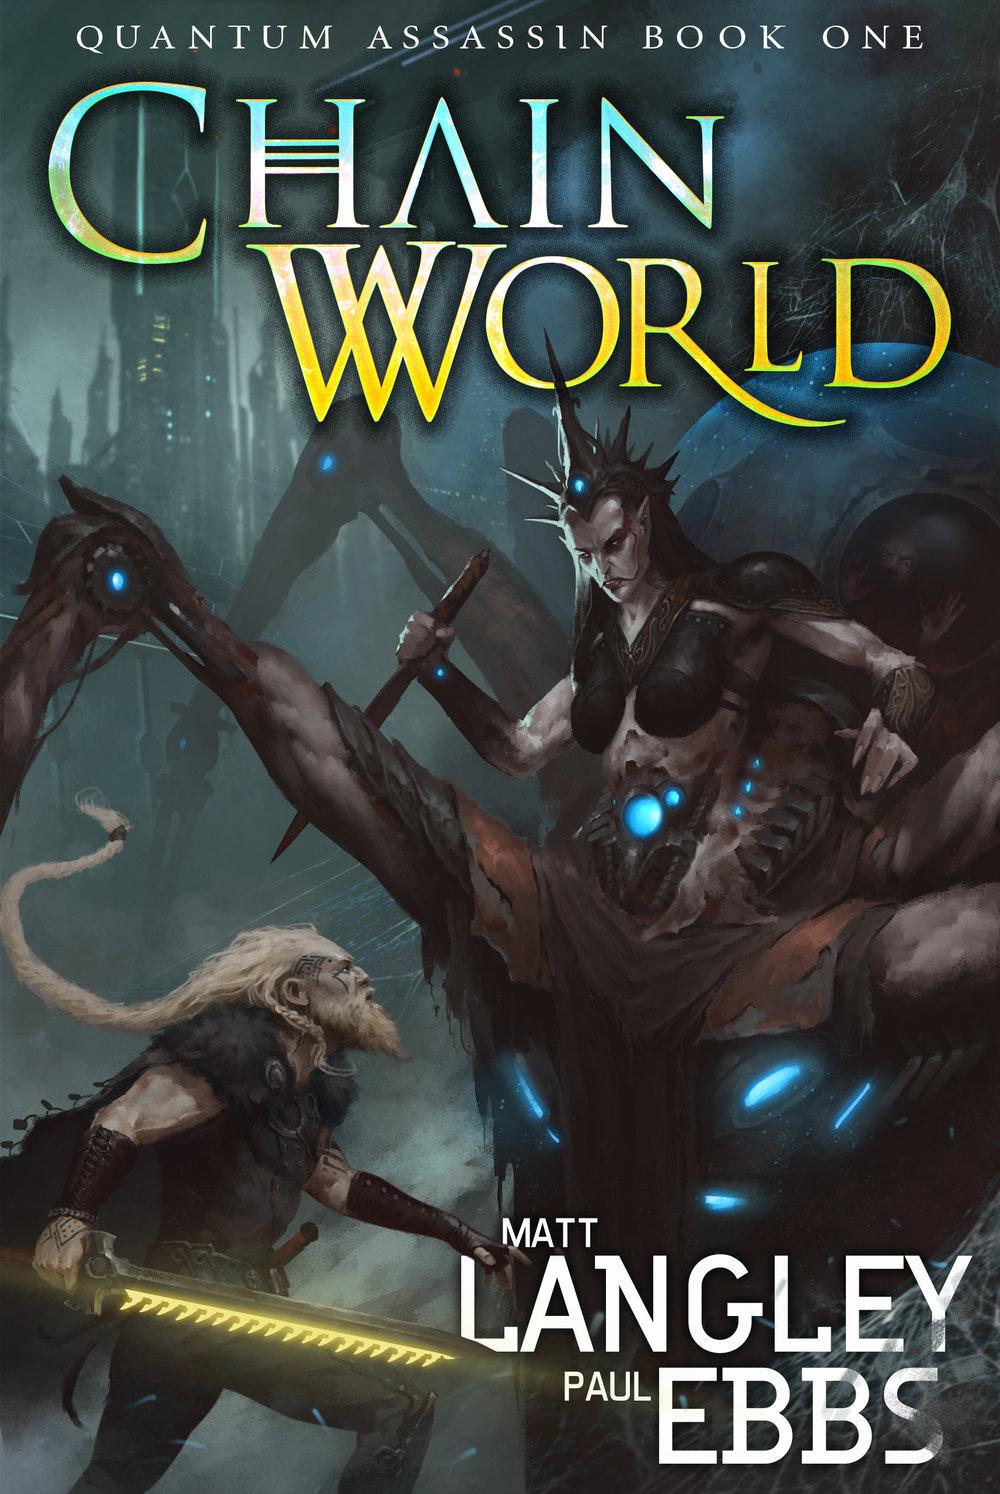 Chainworld   Quantum Assassin Book 1  Matt Langley, Paul Ebs